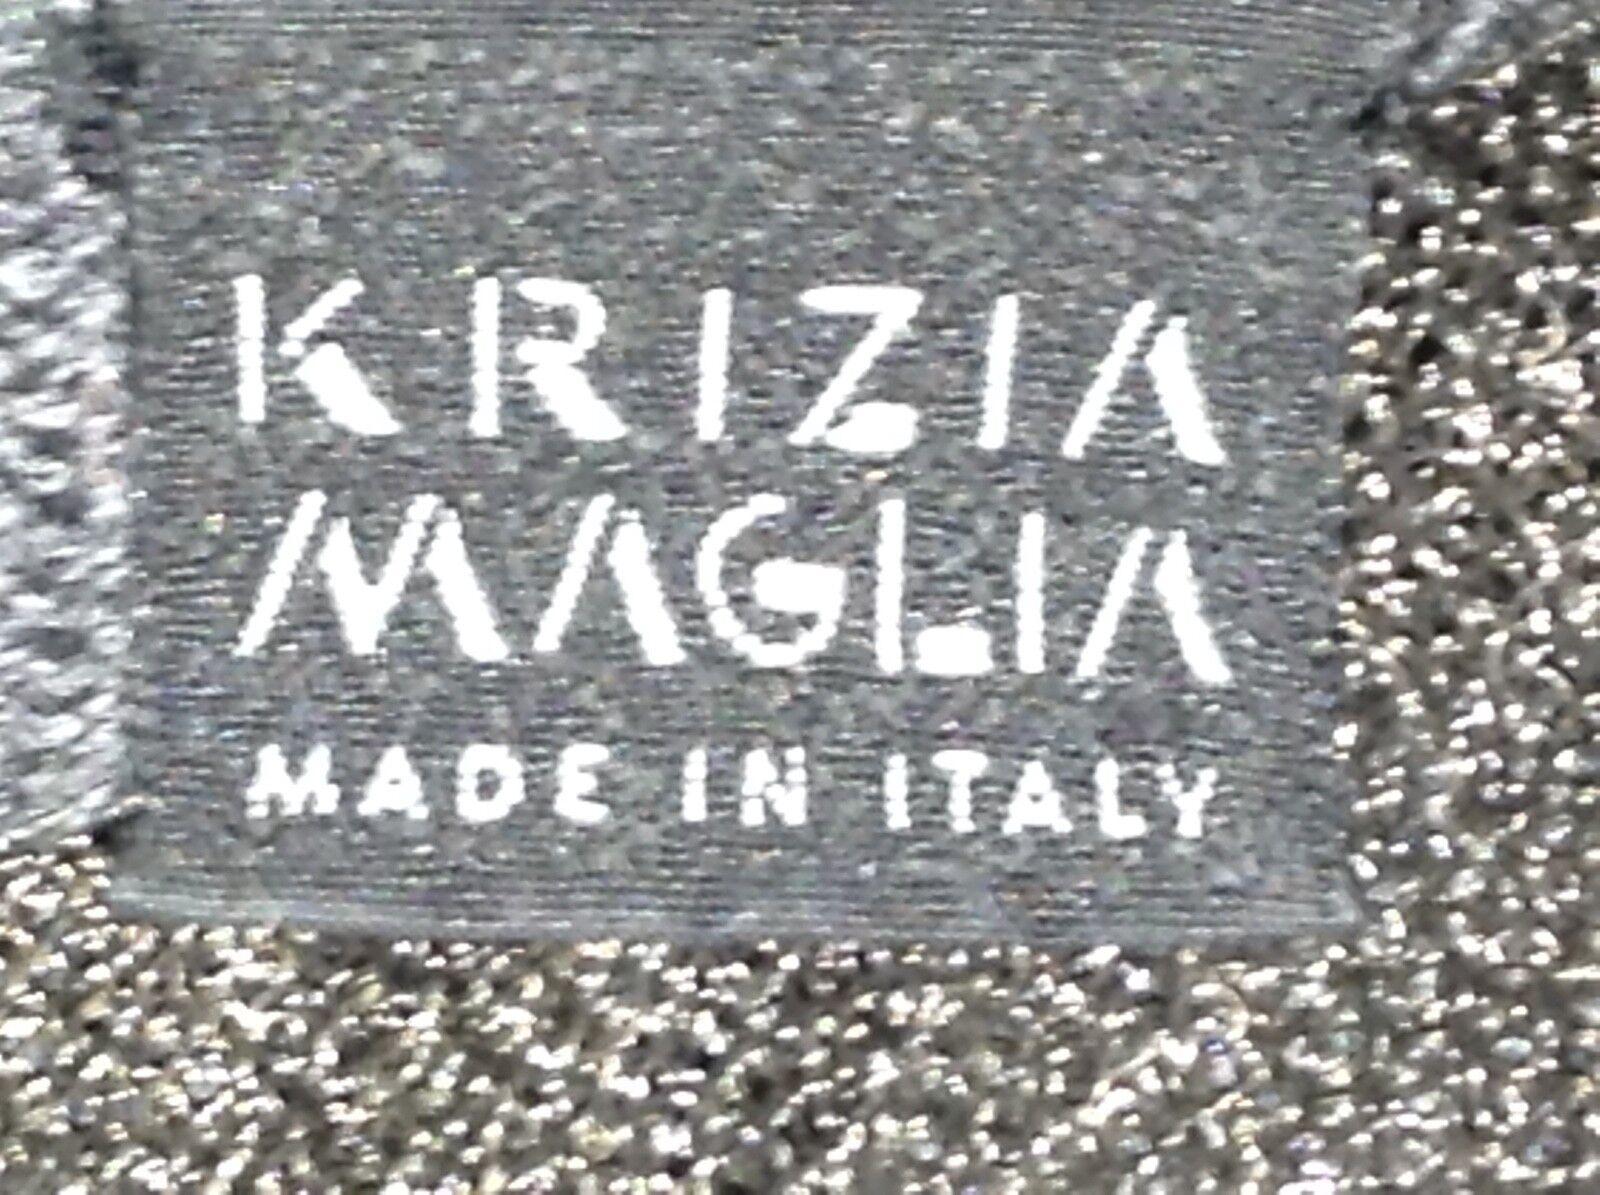 KRIZIA Maglia Grigio Lana Lavorato Lavorato Lavorato a Maglia in pizzo POLO CON COLLETTO MANICA CORTA TOP TAGLIA ITALIANA 44 706b24